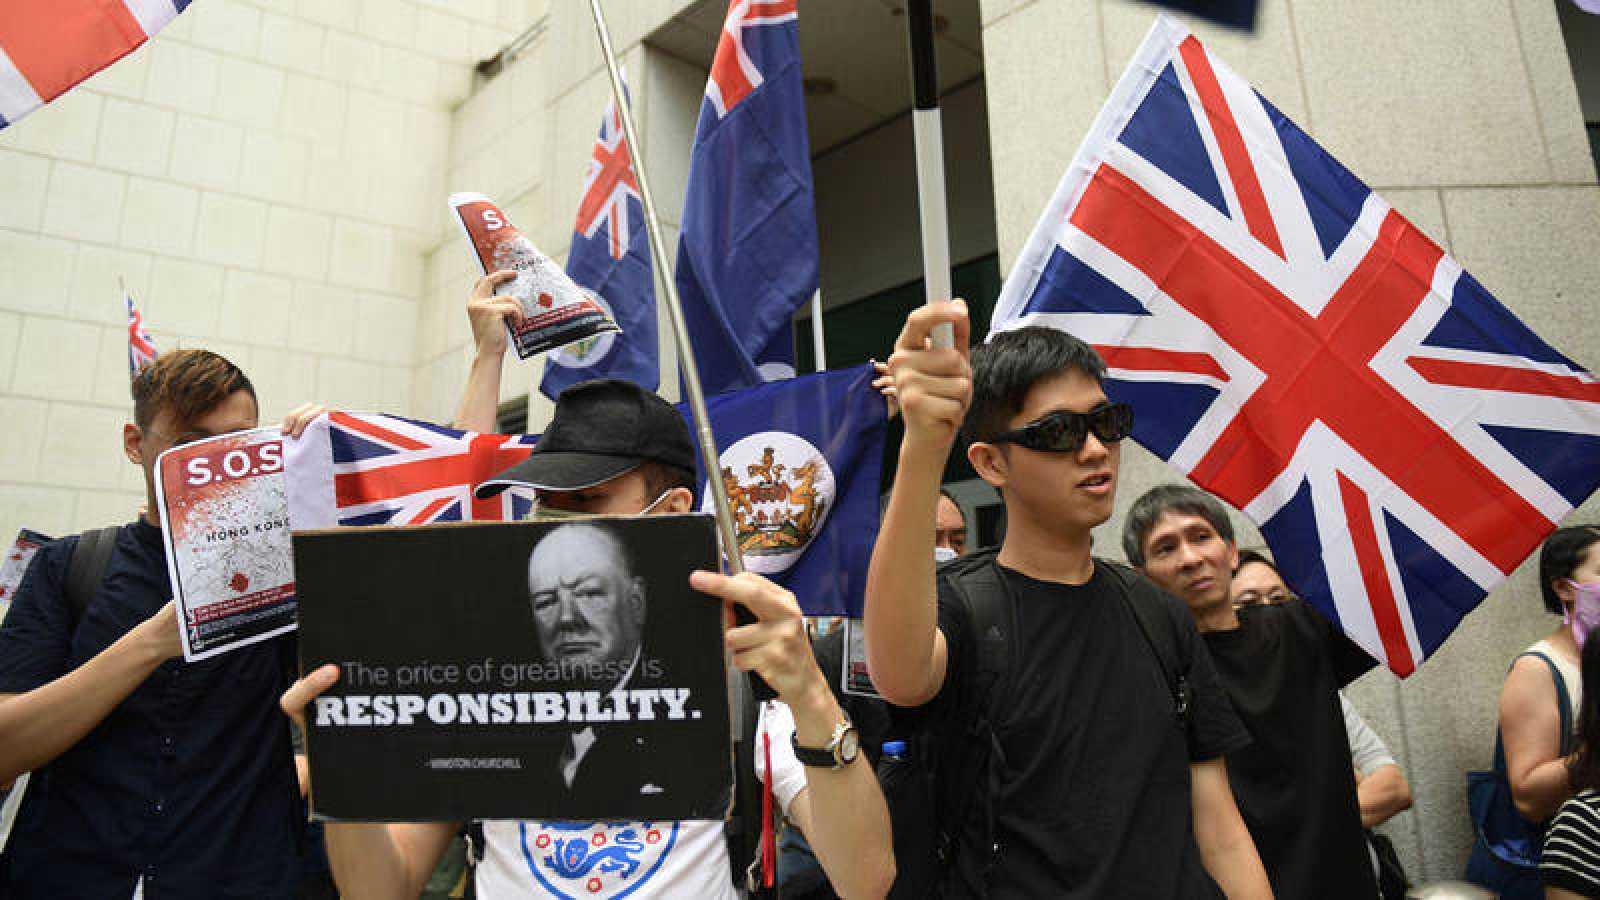 """Un manifestante sostiene una pancartacon la imagen deChurchill y su famosa cita: """"El precio de la grandeza es la responsabilidad""""."""